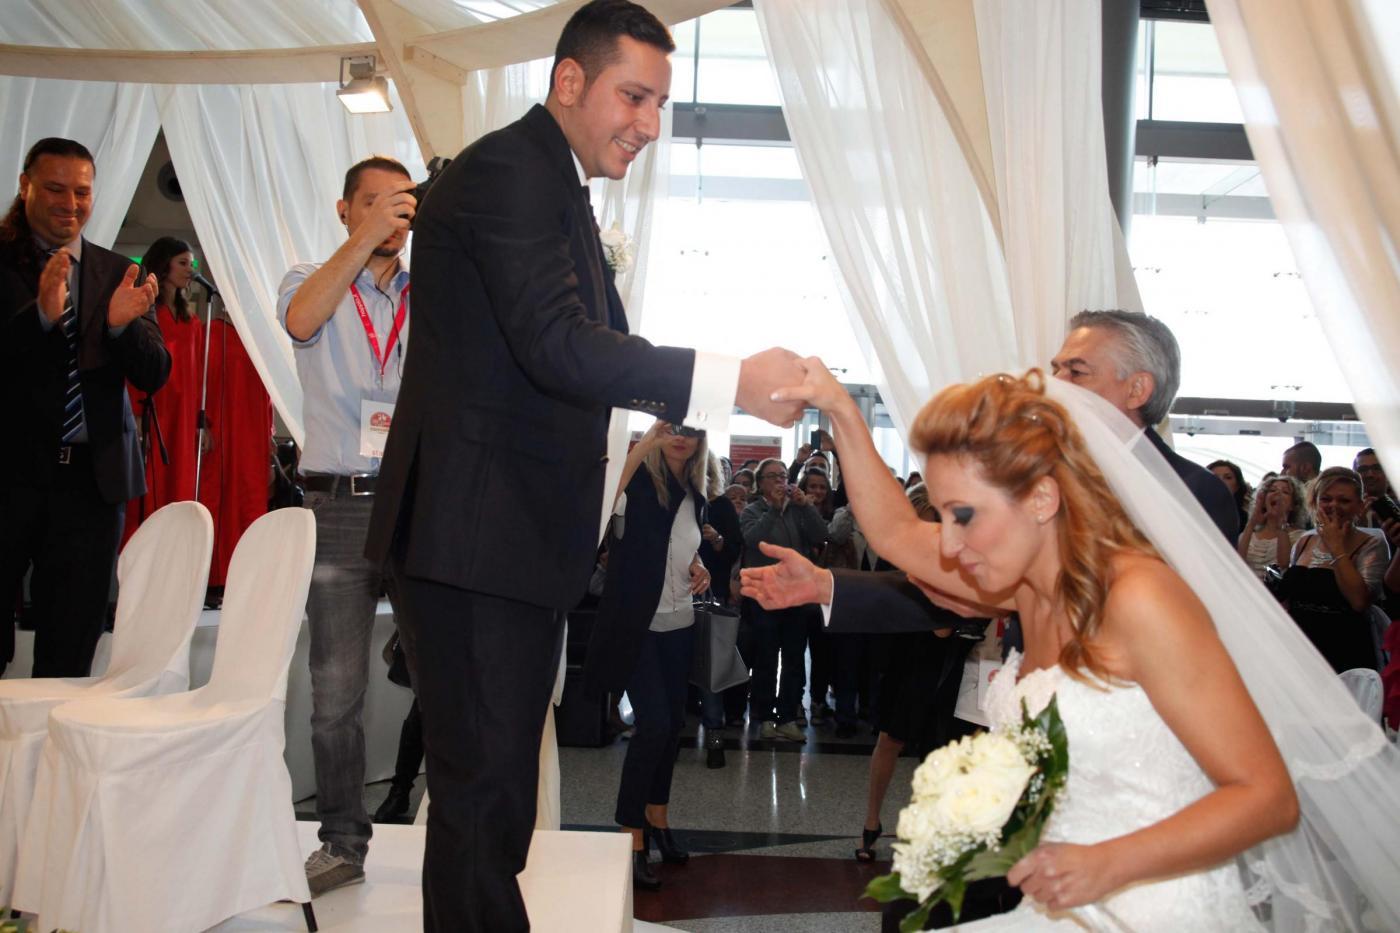 Si sposano nel centro commerciale del primo incontro: è la prima volta in Italia05